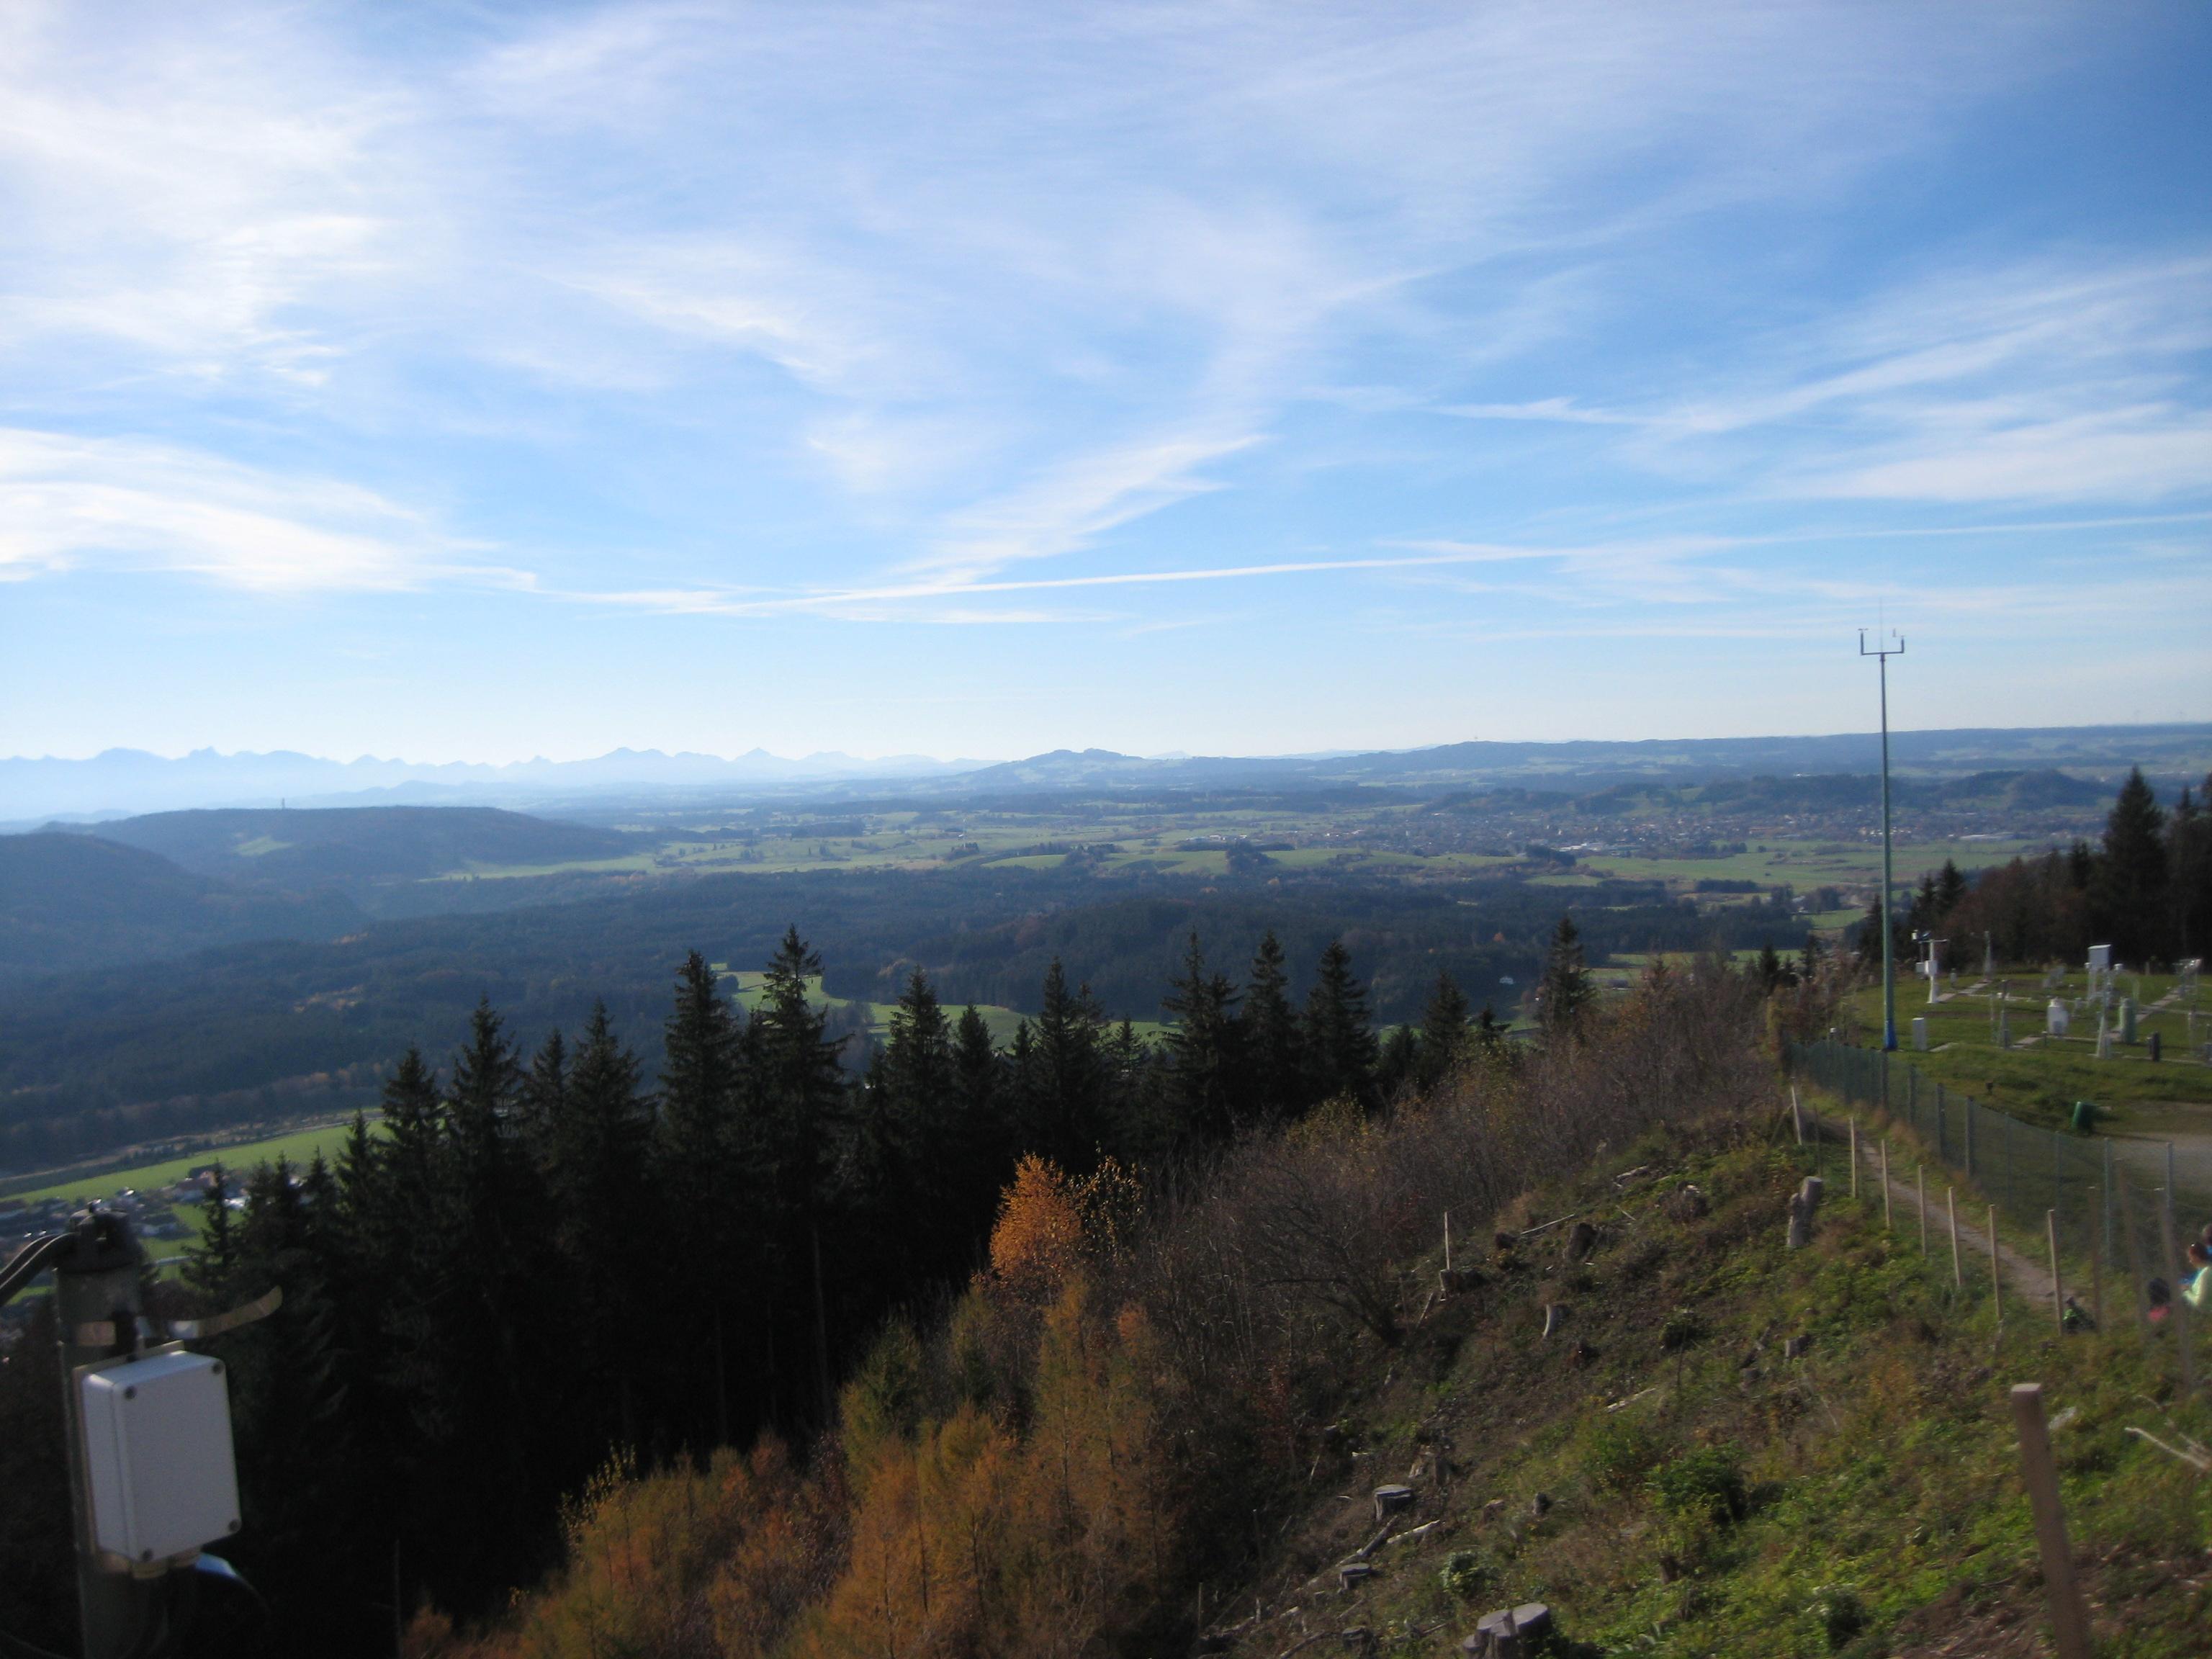 2015-11-08_hohenpei-enberg_img_2211.jpg